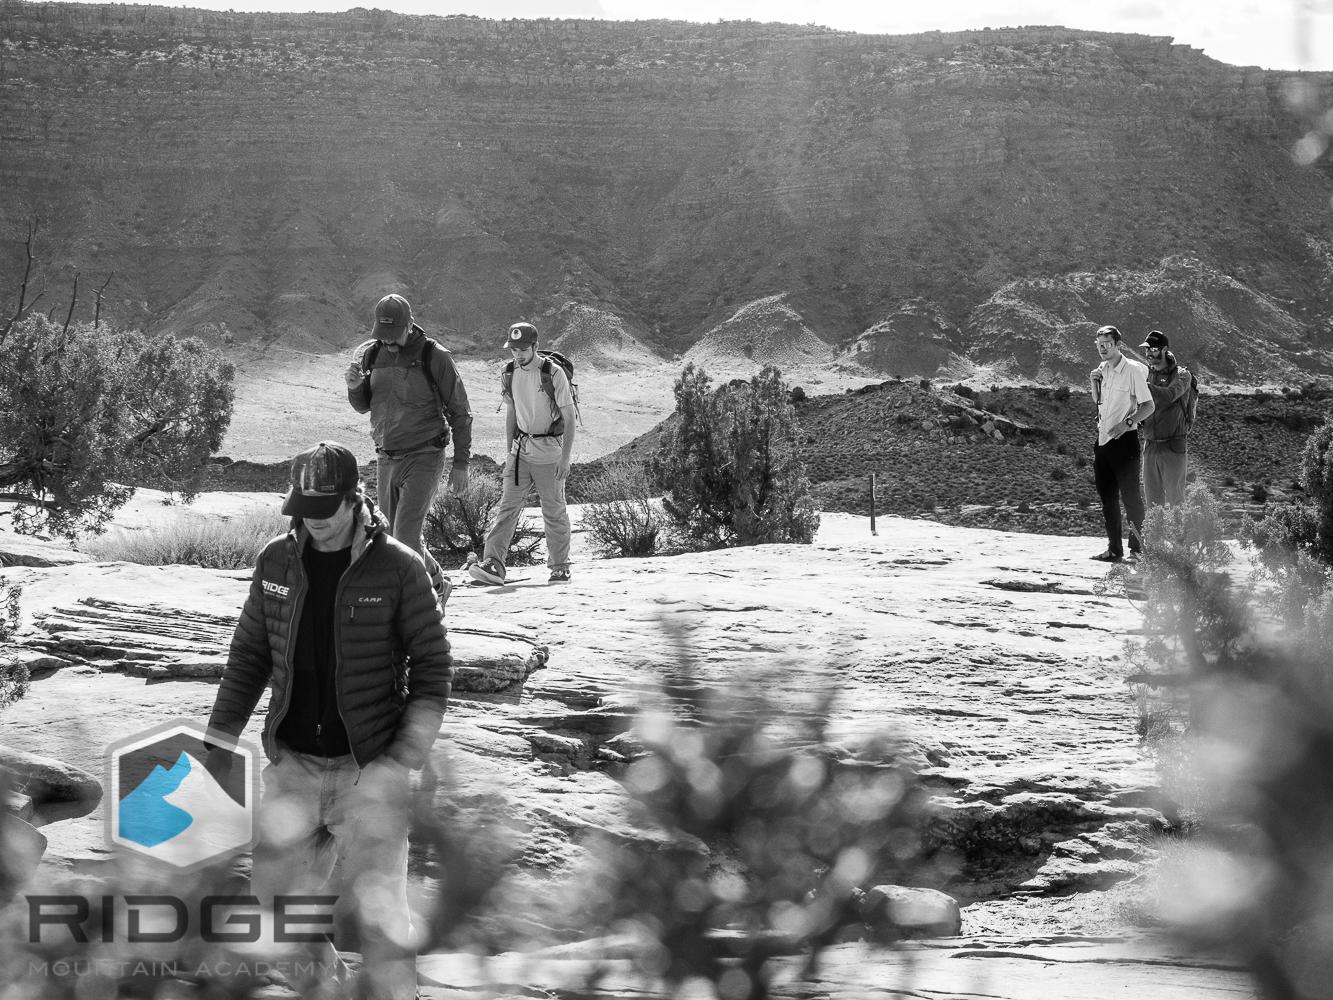 RIDGE in Moab, fall 2015-5.JPG